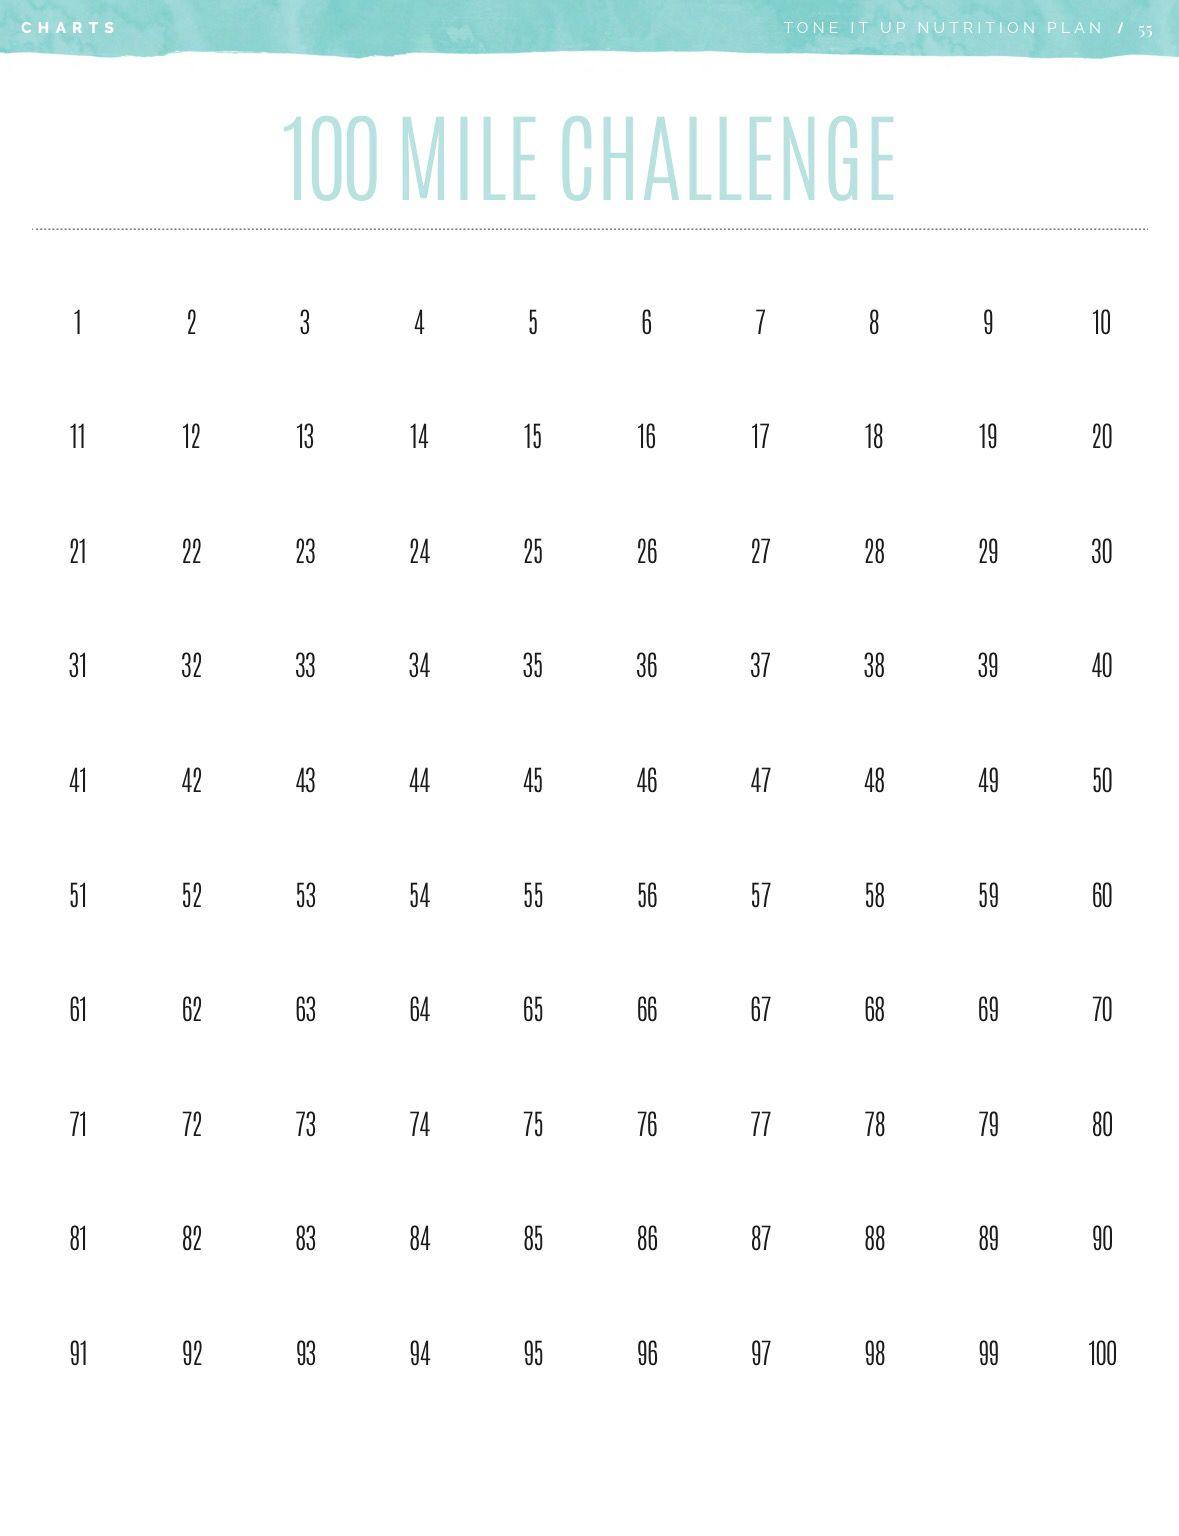 100 Mile Challenge Chart